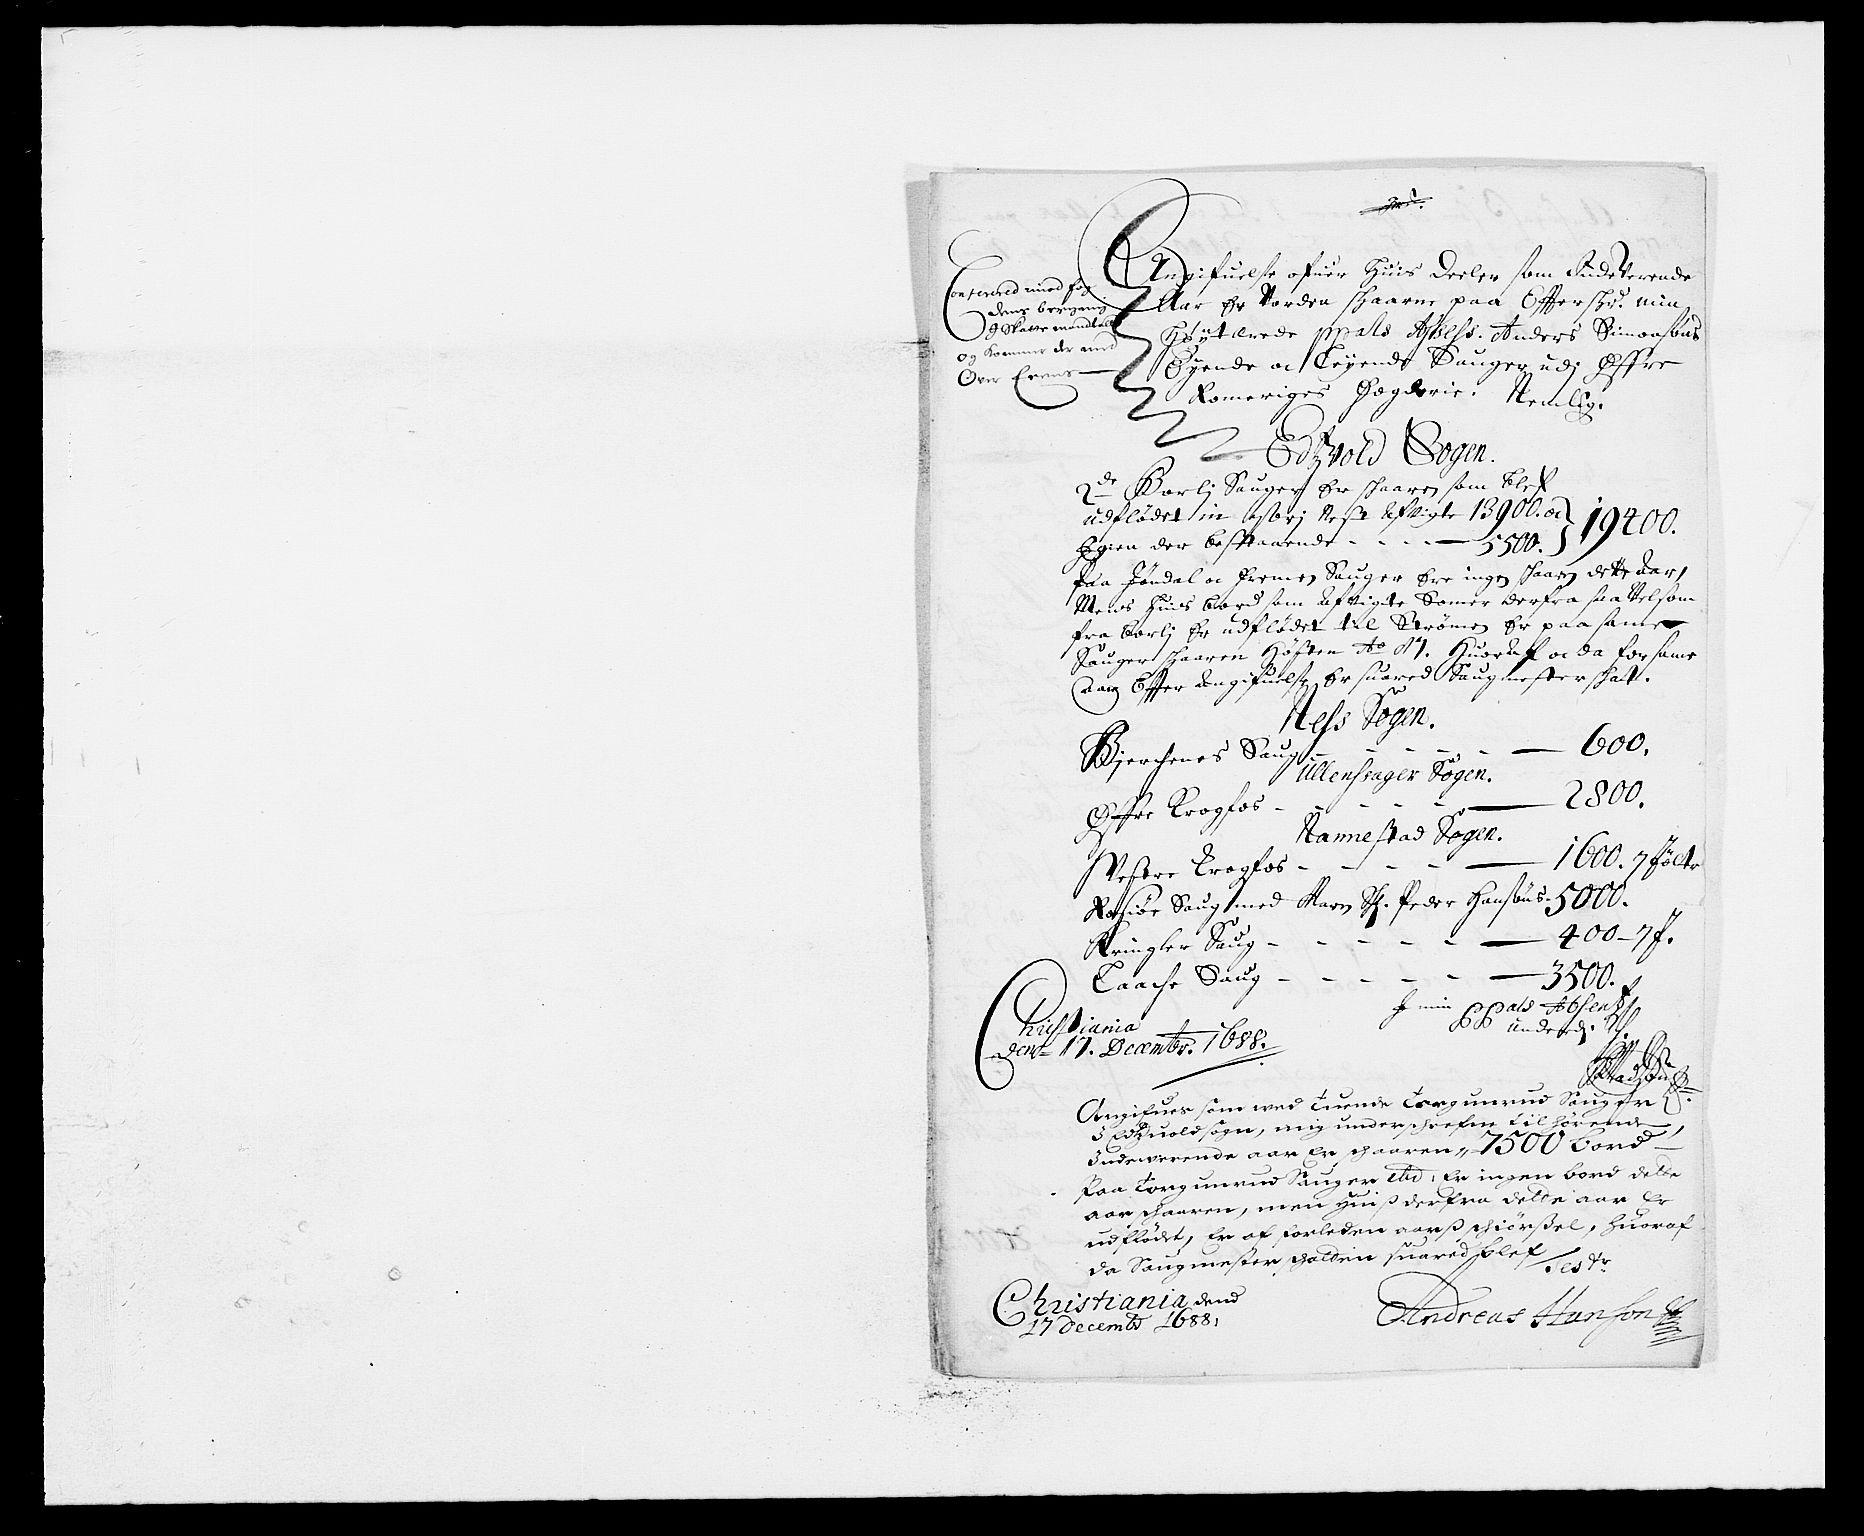 RA, Rentekammeret inntil 1814, Reviderte regnskaper, Fogderegnskap, R12/L0700: Fogderegnskap Øvre Romerike, 1687-1688, s. 403